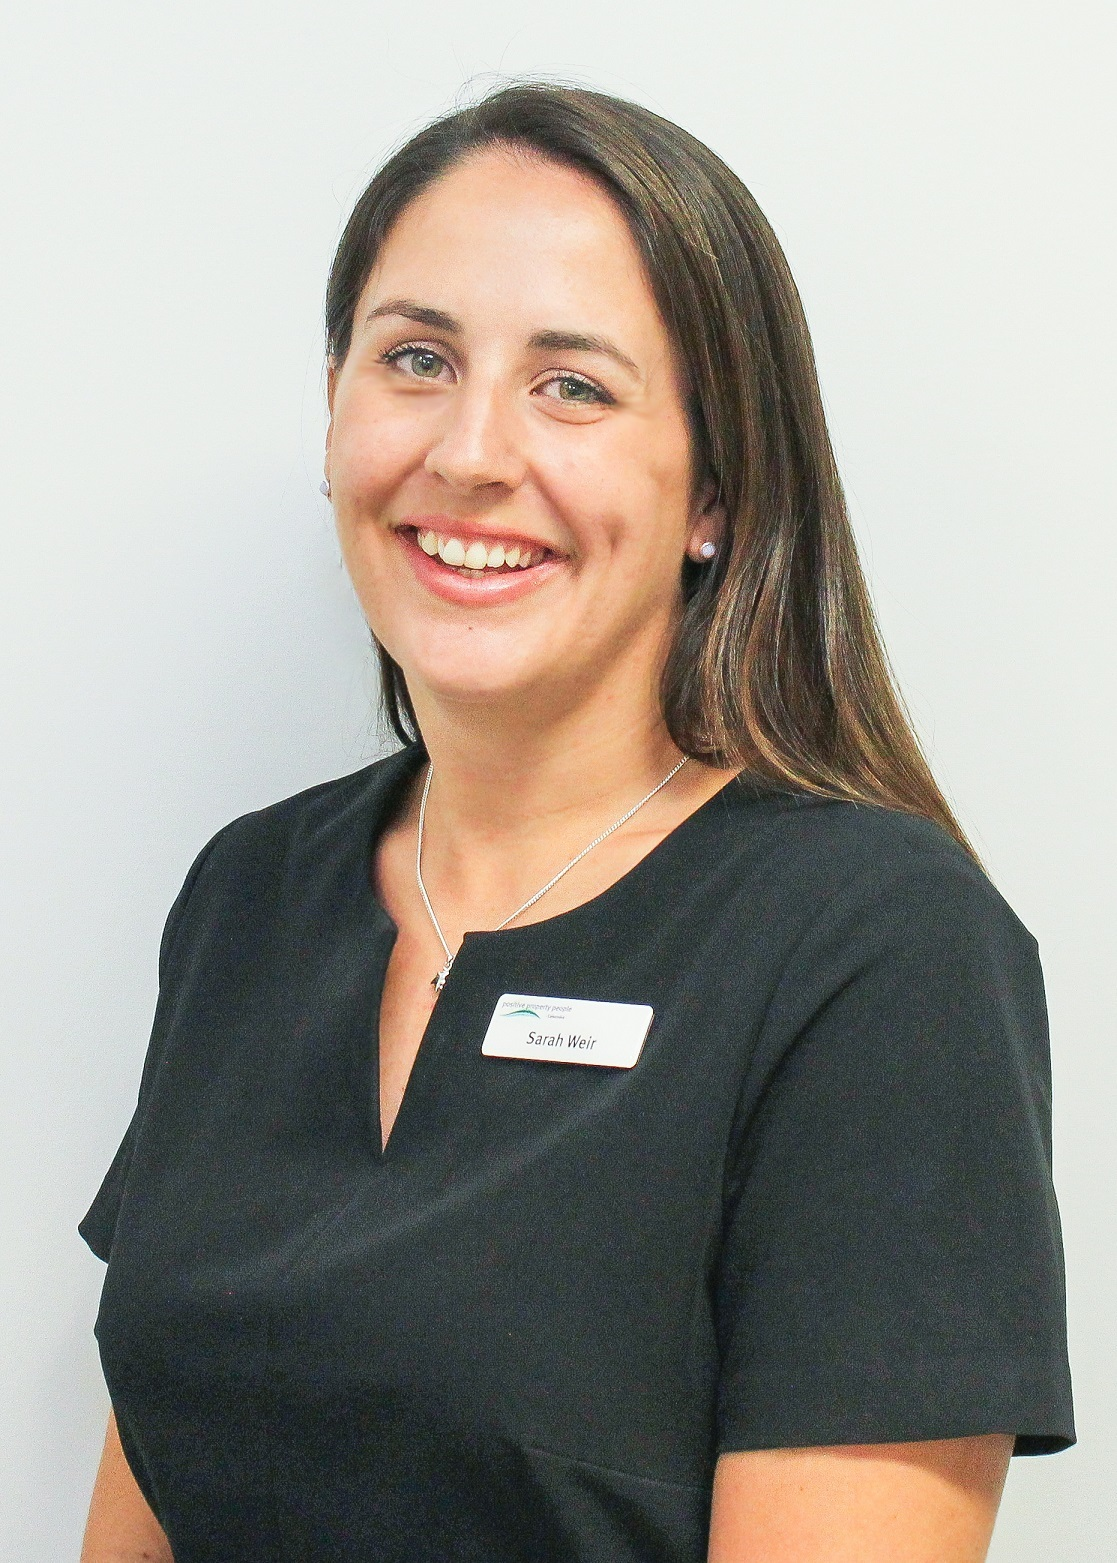 Sarah Weir